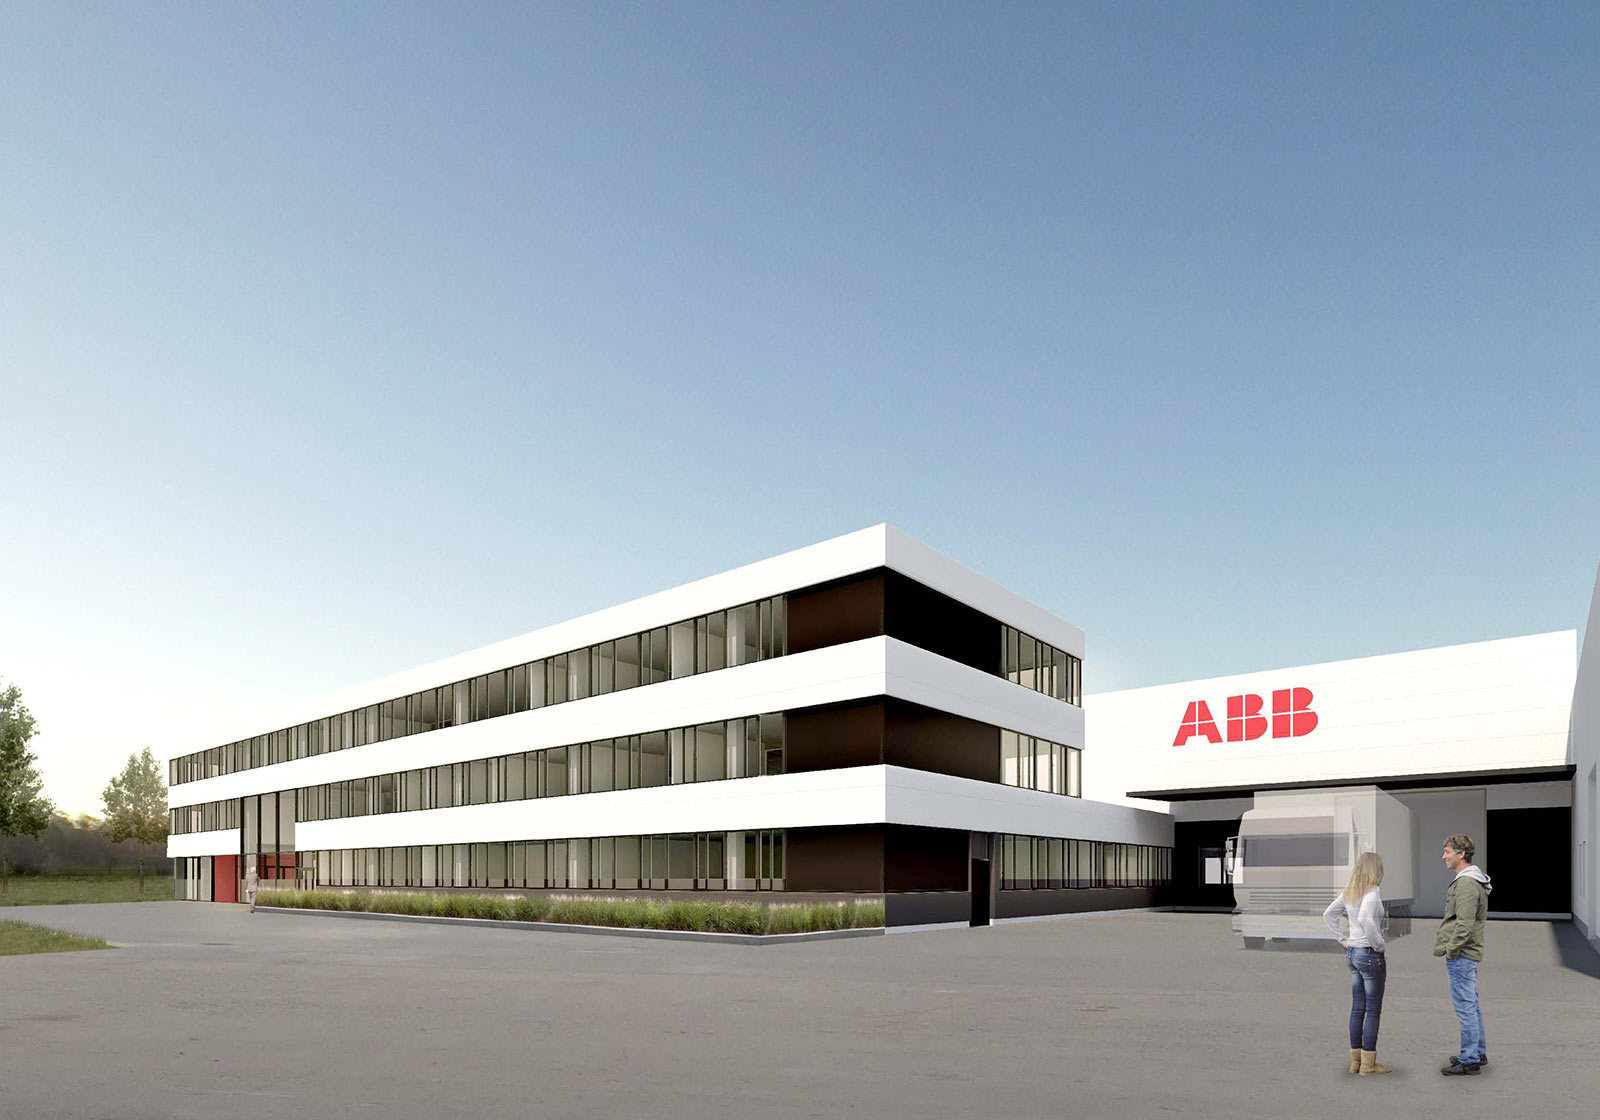 Вид нового ультрасовременного завода по сборке робототехники ABB. Визуализация: ATP Vienna